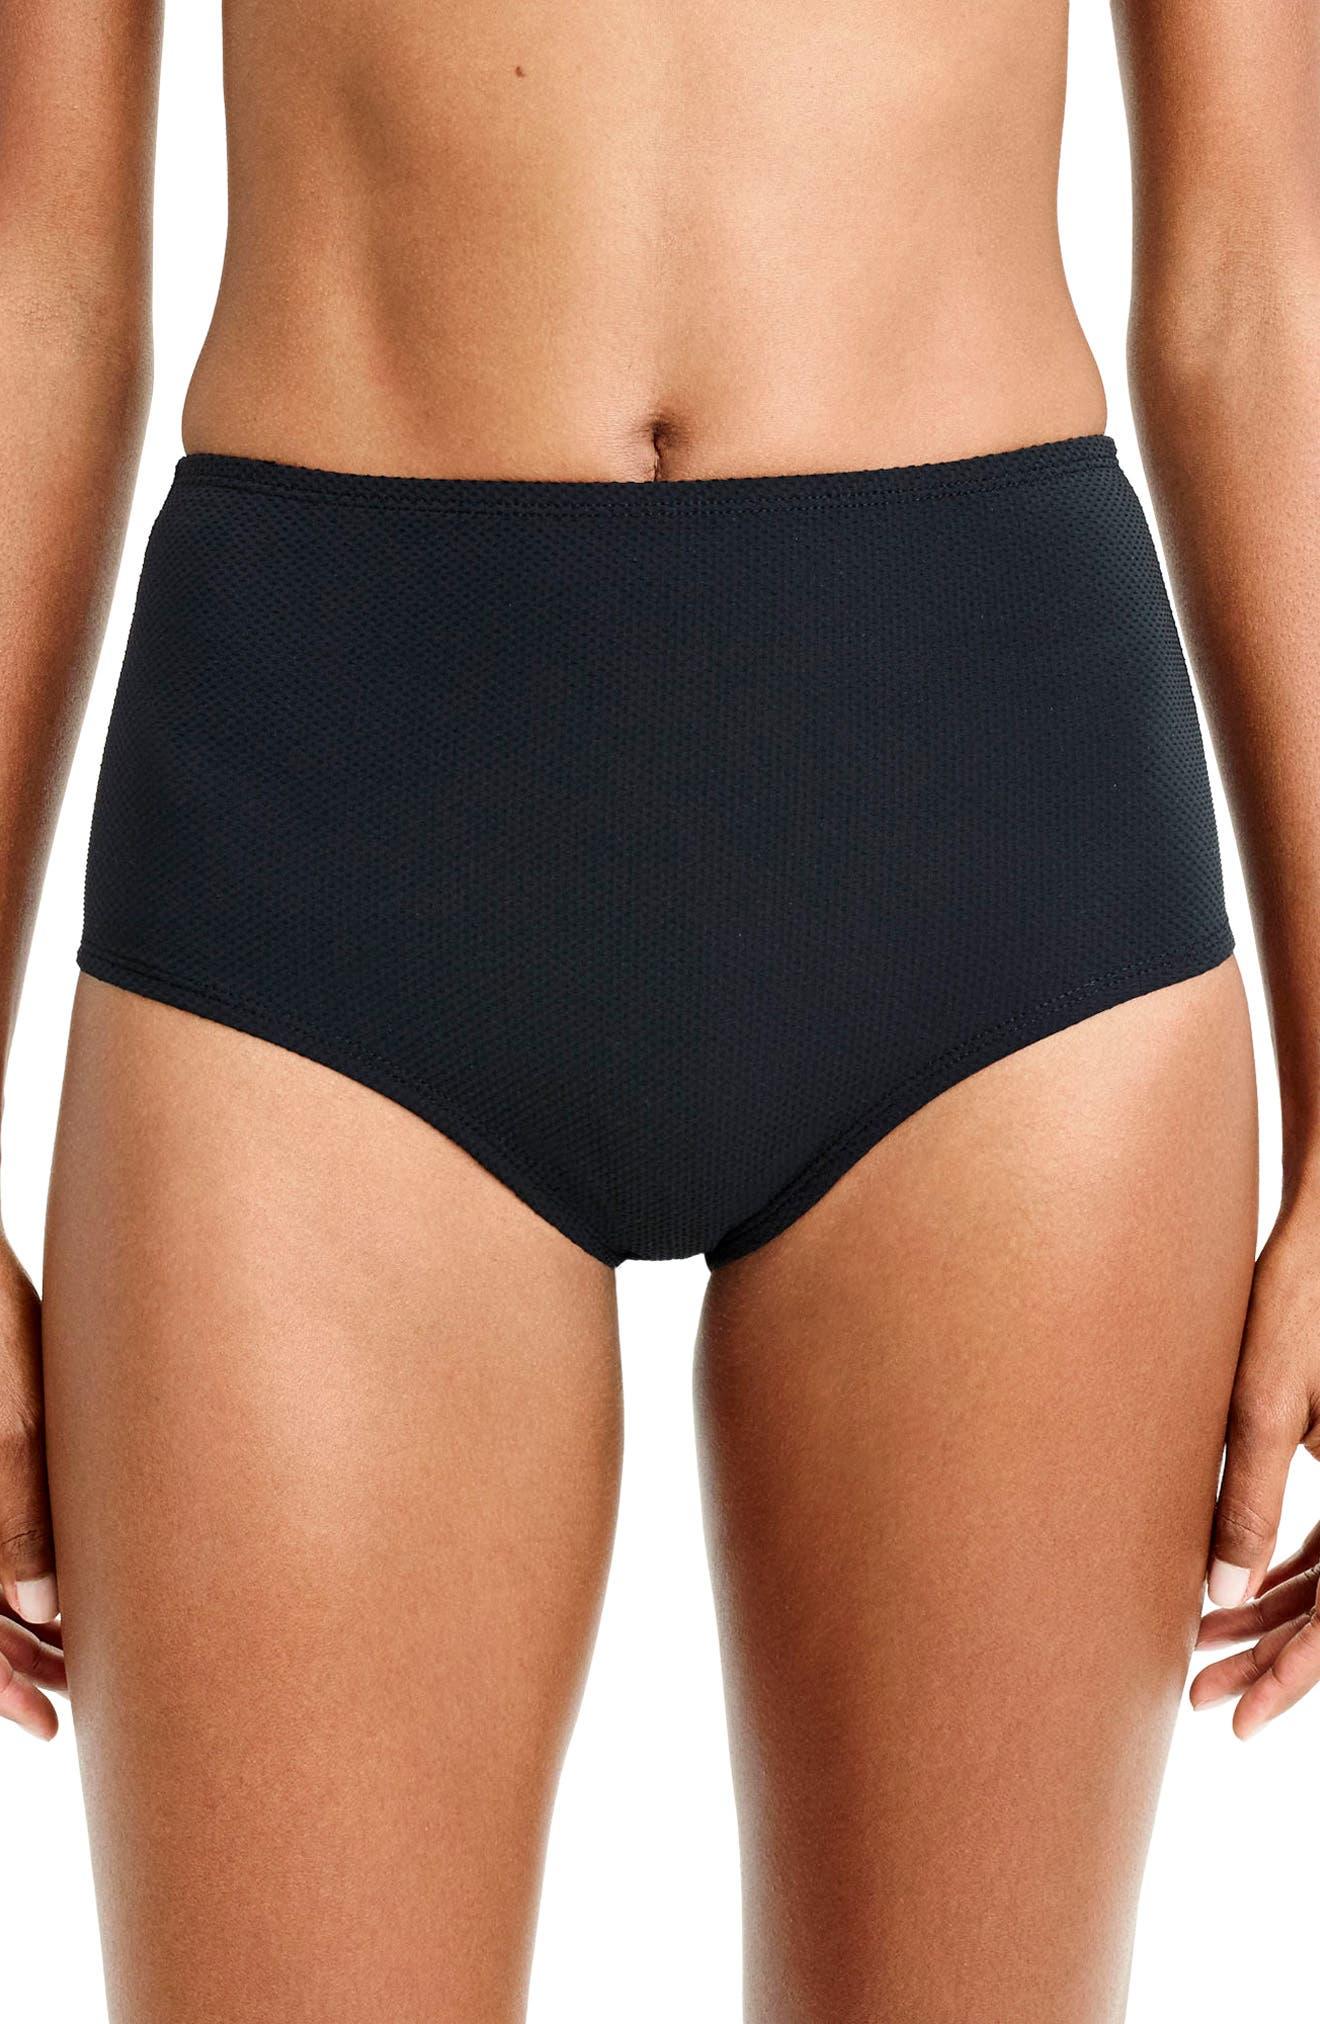 Piqué High Waist Bikini Bottoms,                             Main thumbnail 1, color,                             001